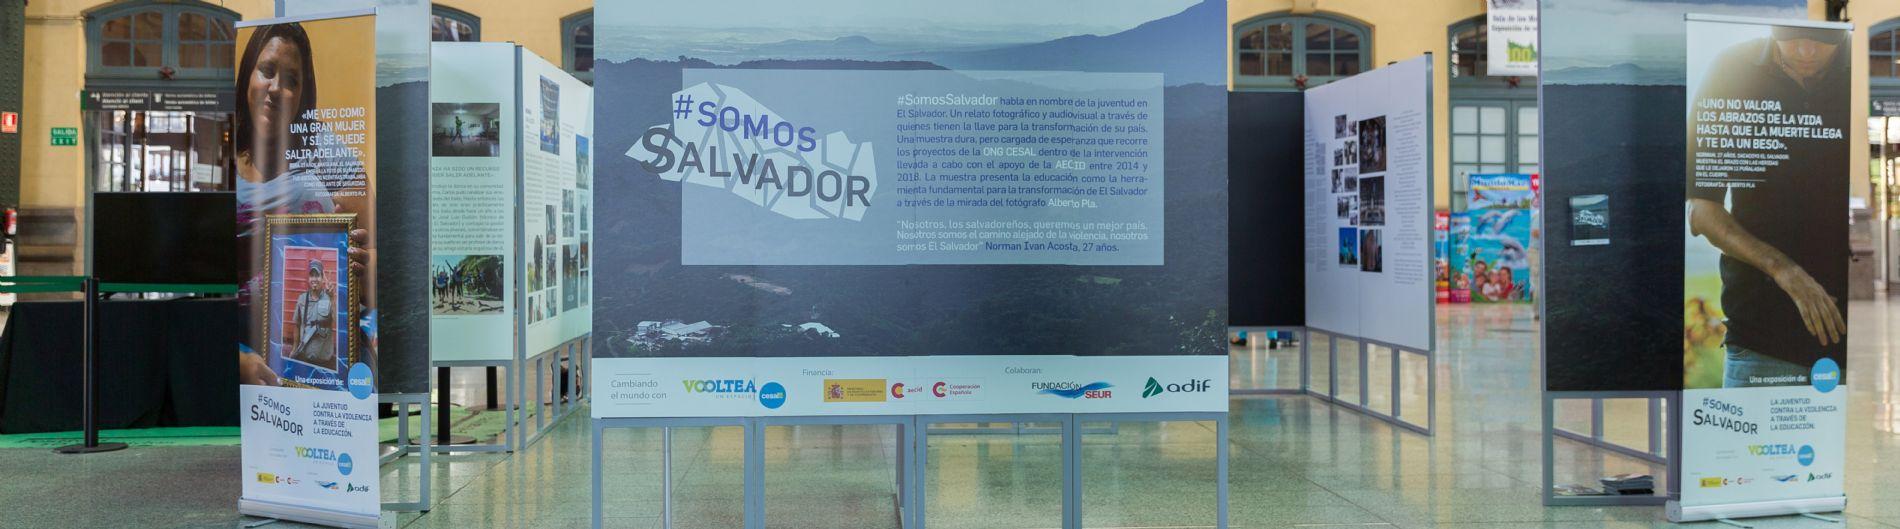 Exposición Somos Salvador